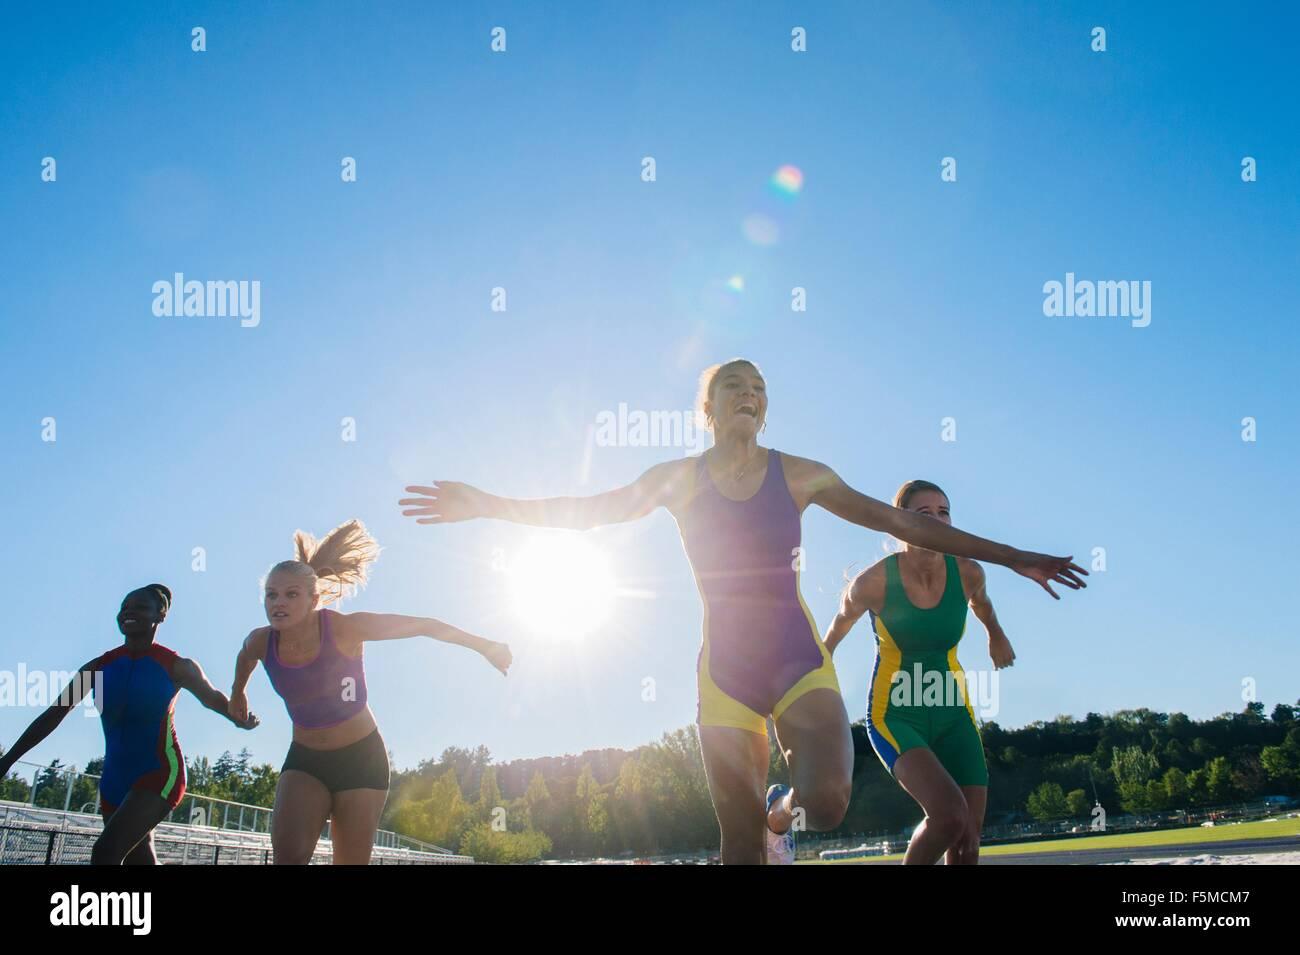 Vier weibliche Athleten auf die Leichtathletik zu verfolgen, kommen, um am Ende des Rennens Stockbild